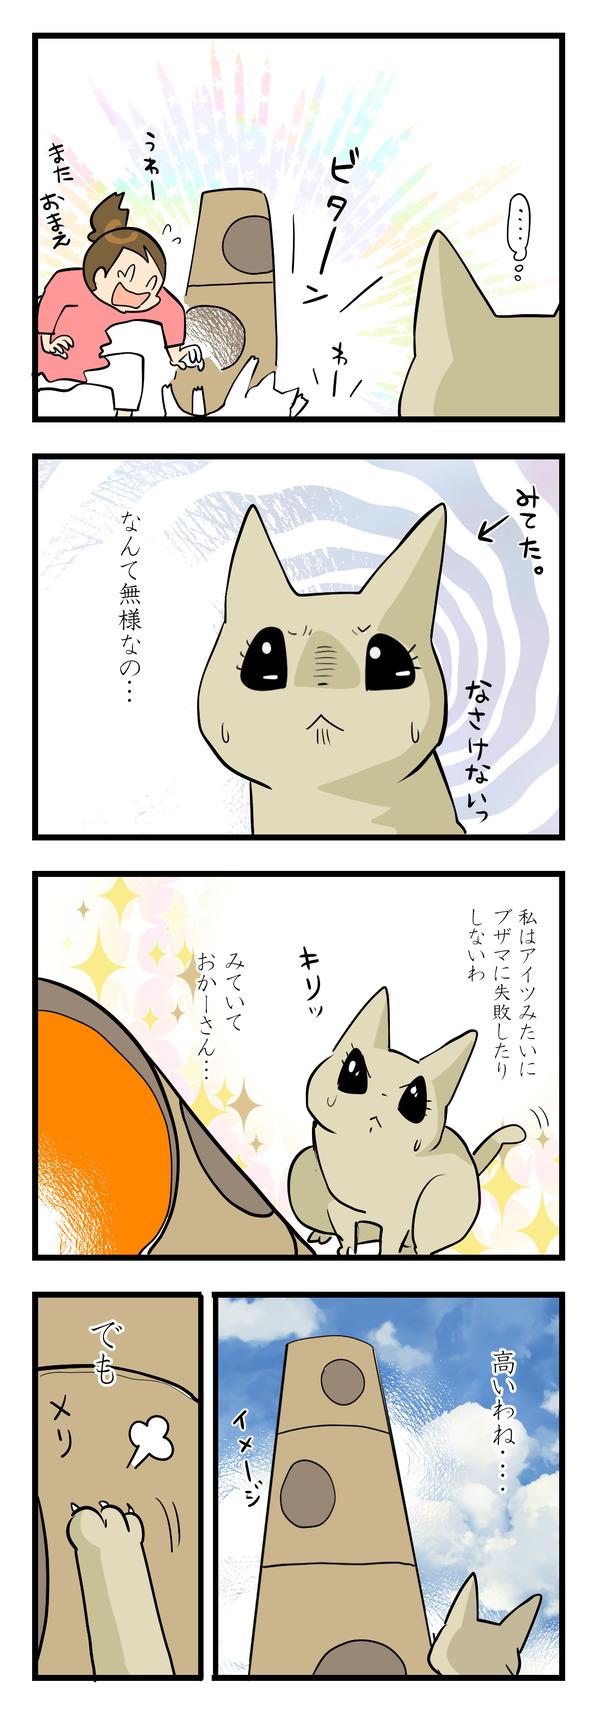 猫の運動神経3